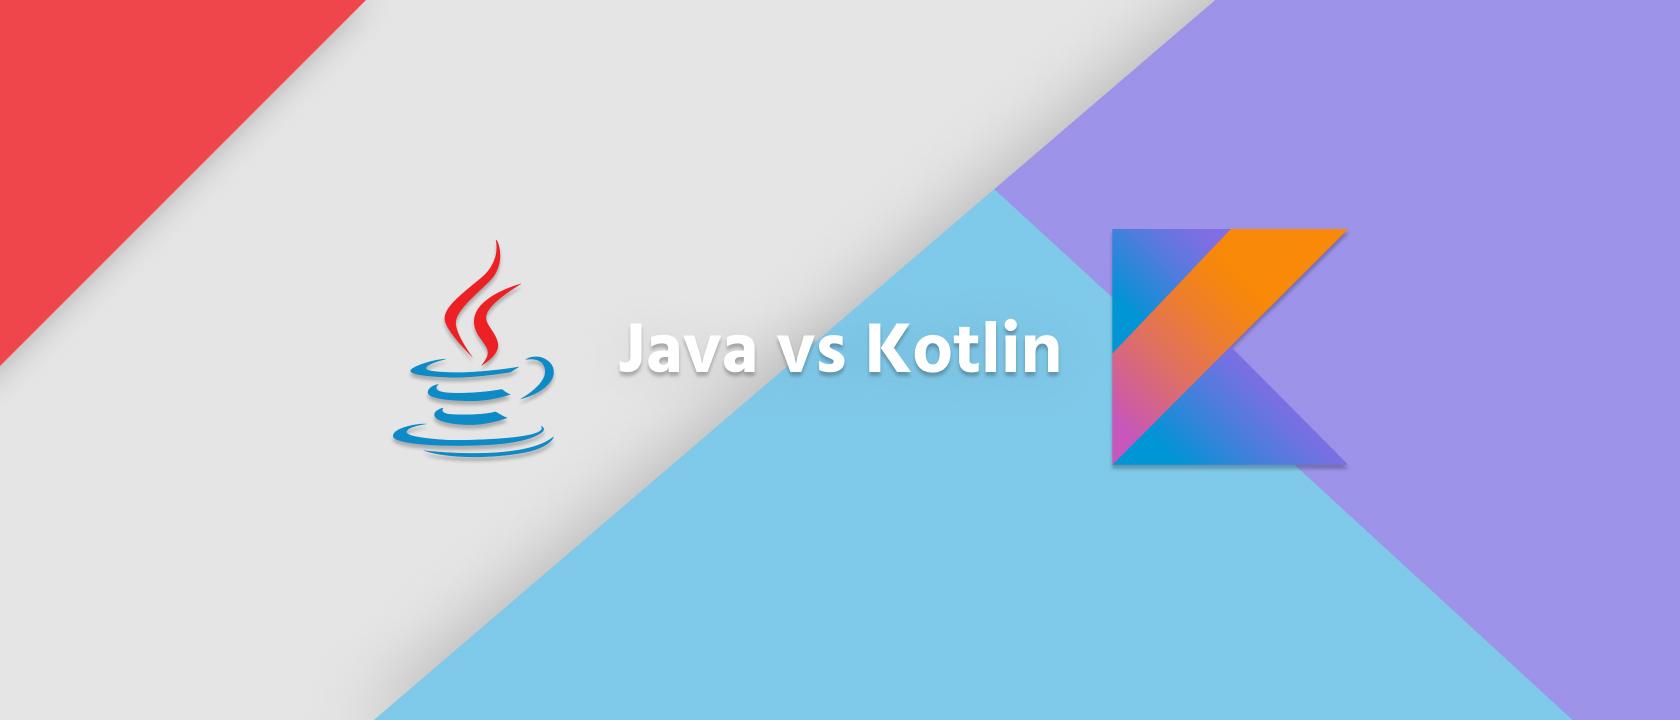 Java vs Kotlin, ktorý programovací jazyk je lepší na vývoj Android aplikácie?